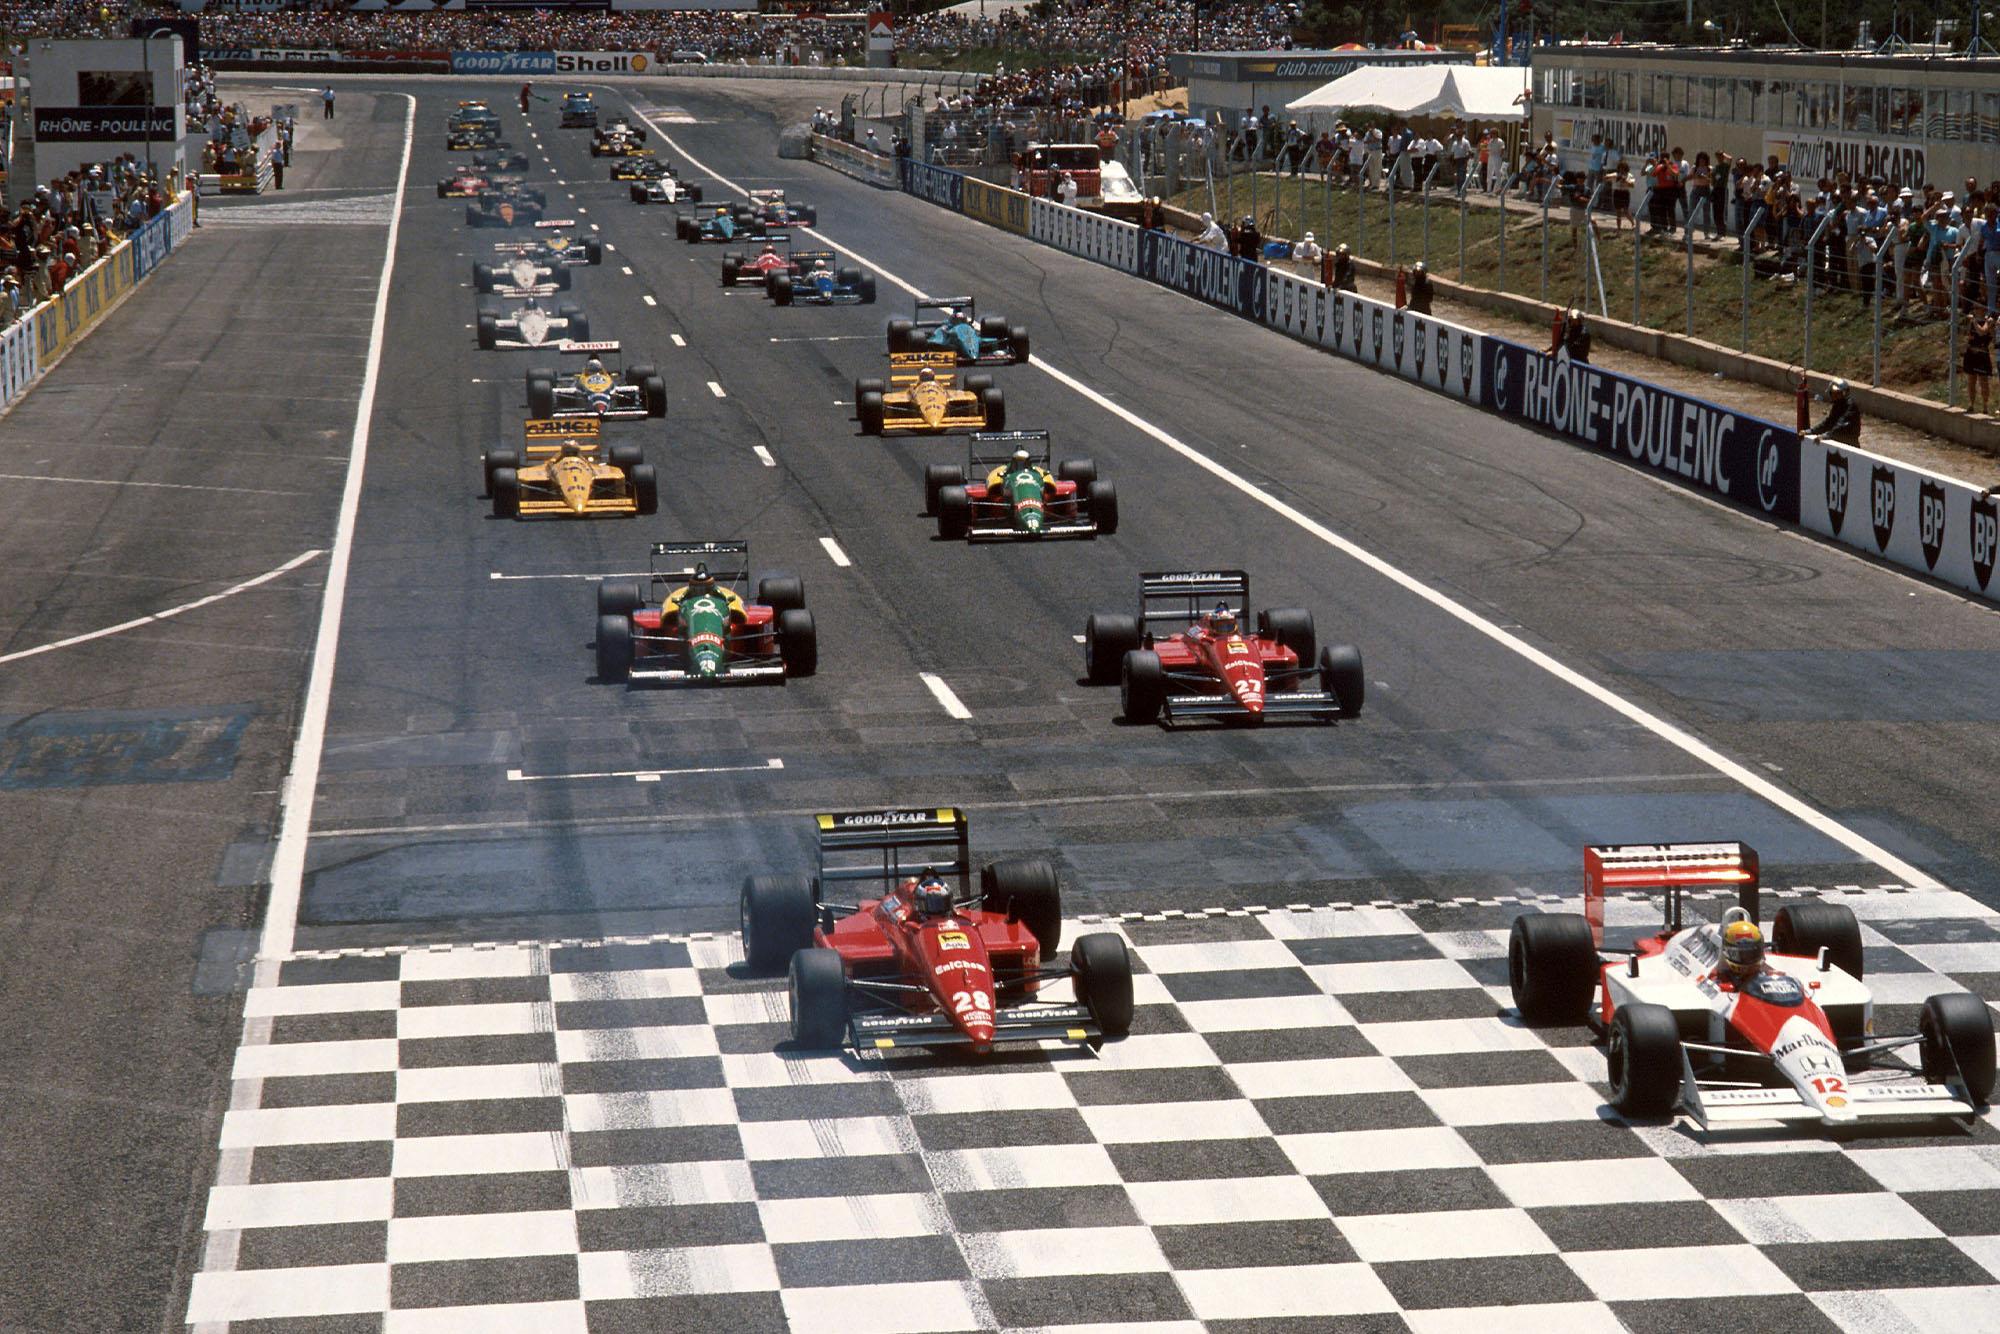 1988 FRA GP start